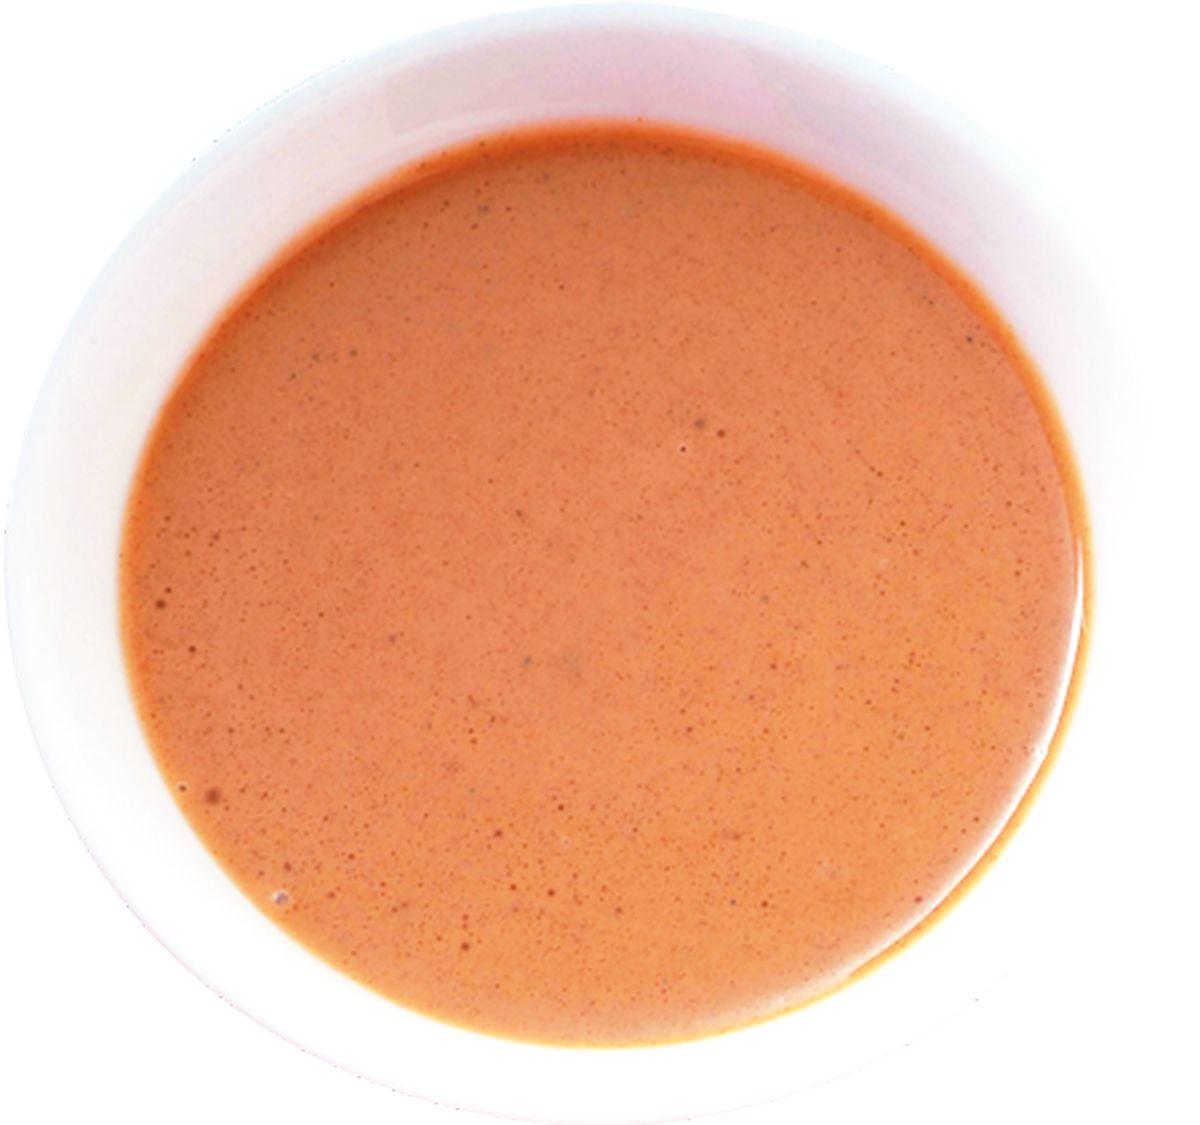 食譜:水果沙拉醬